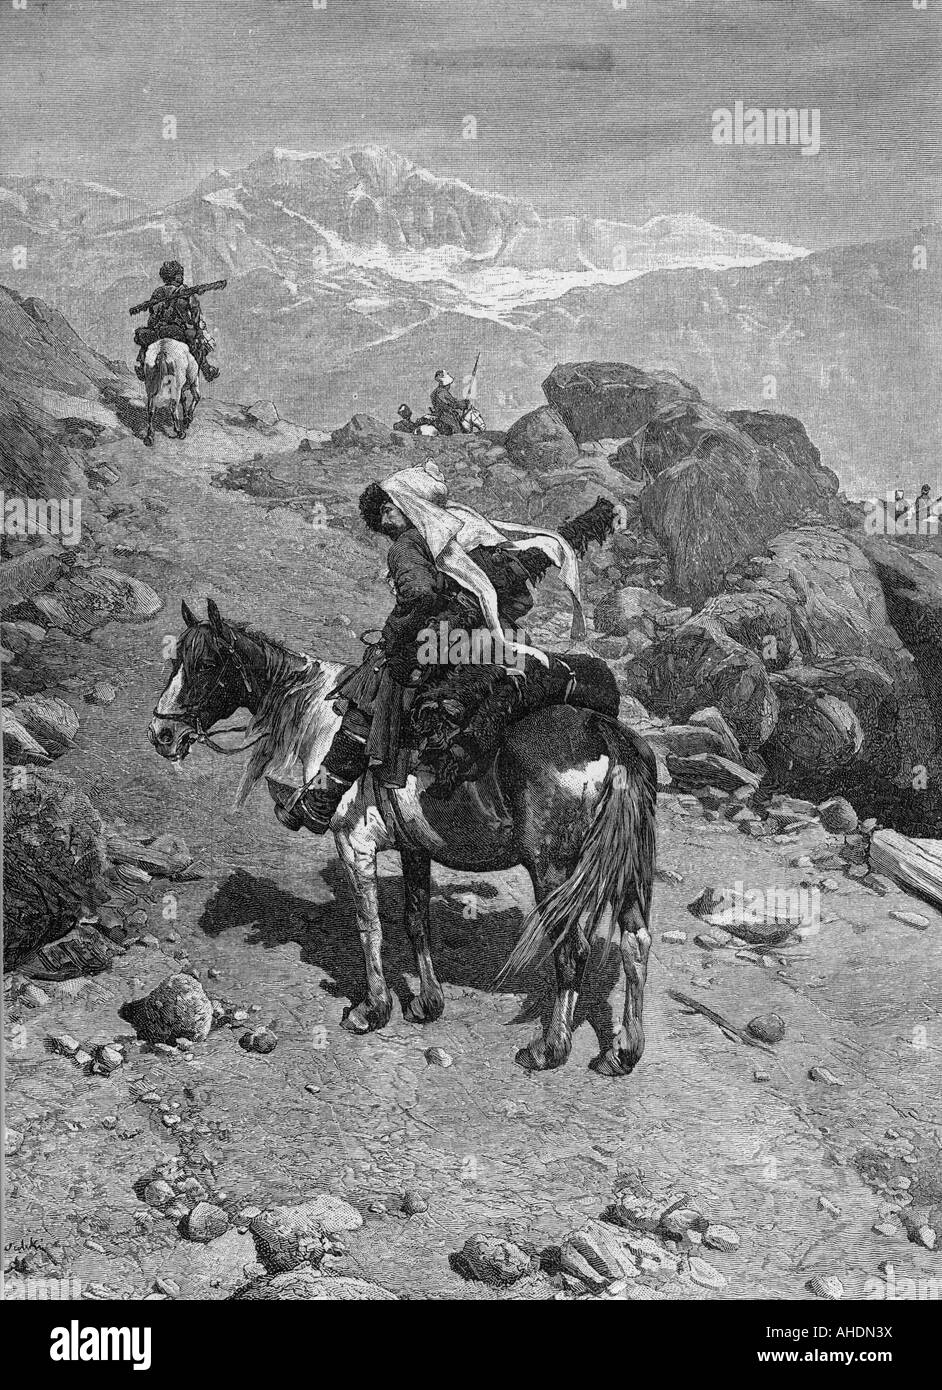 Geografie/Reisen, Russland, Menschen, Adyge, Gravieren, 19. Jahrhundert, Reiter, Berge, Kaukasus, Kaukasier, historischen, Stockbild